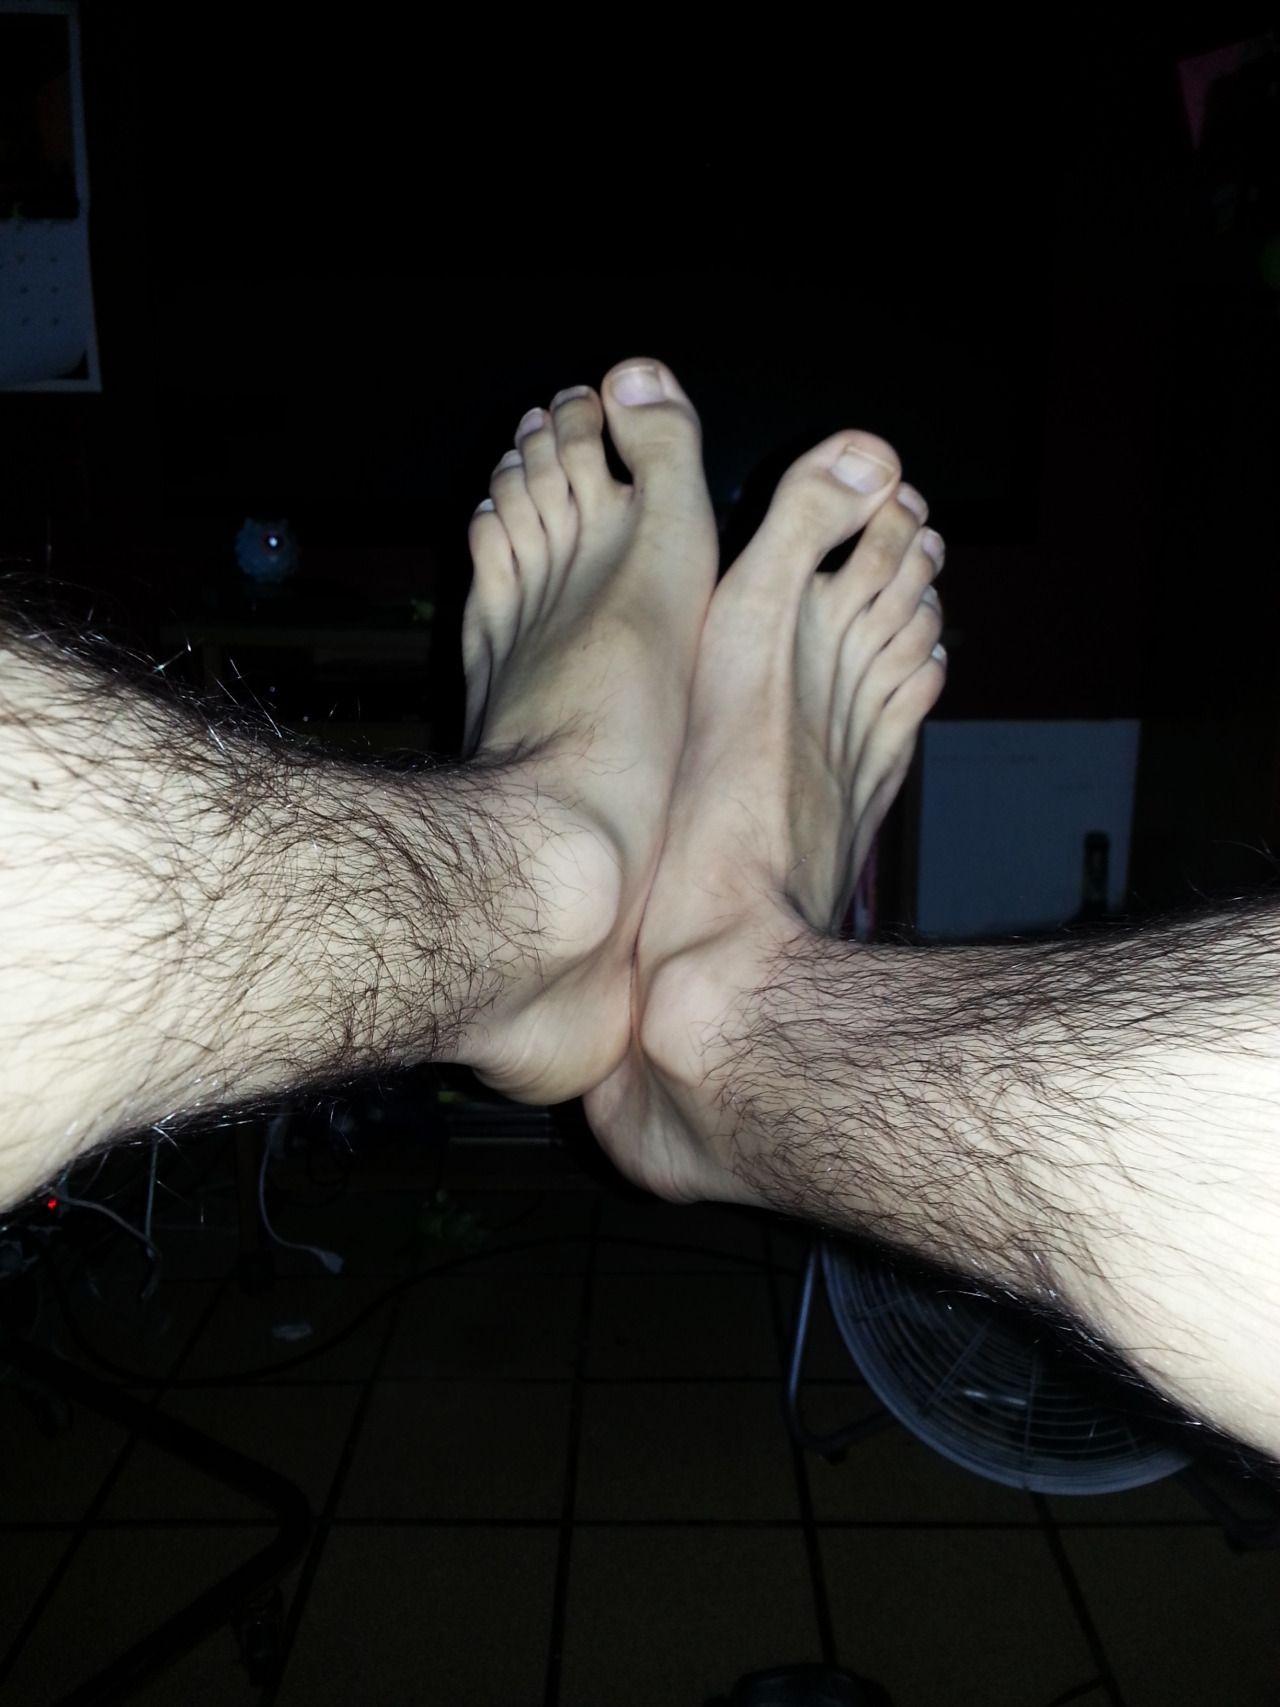 Naked hot italian men